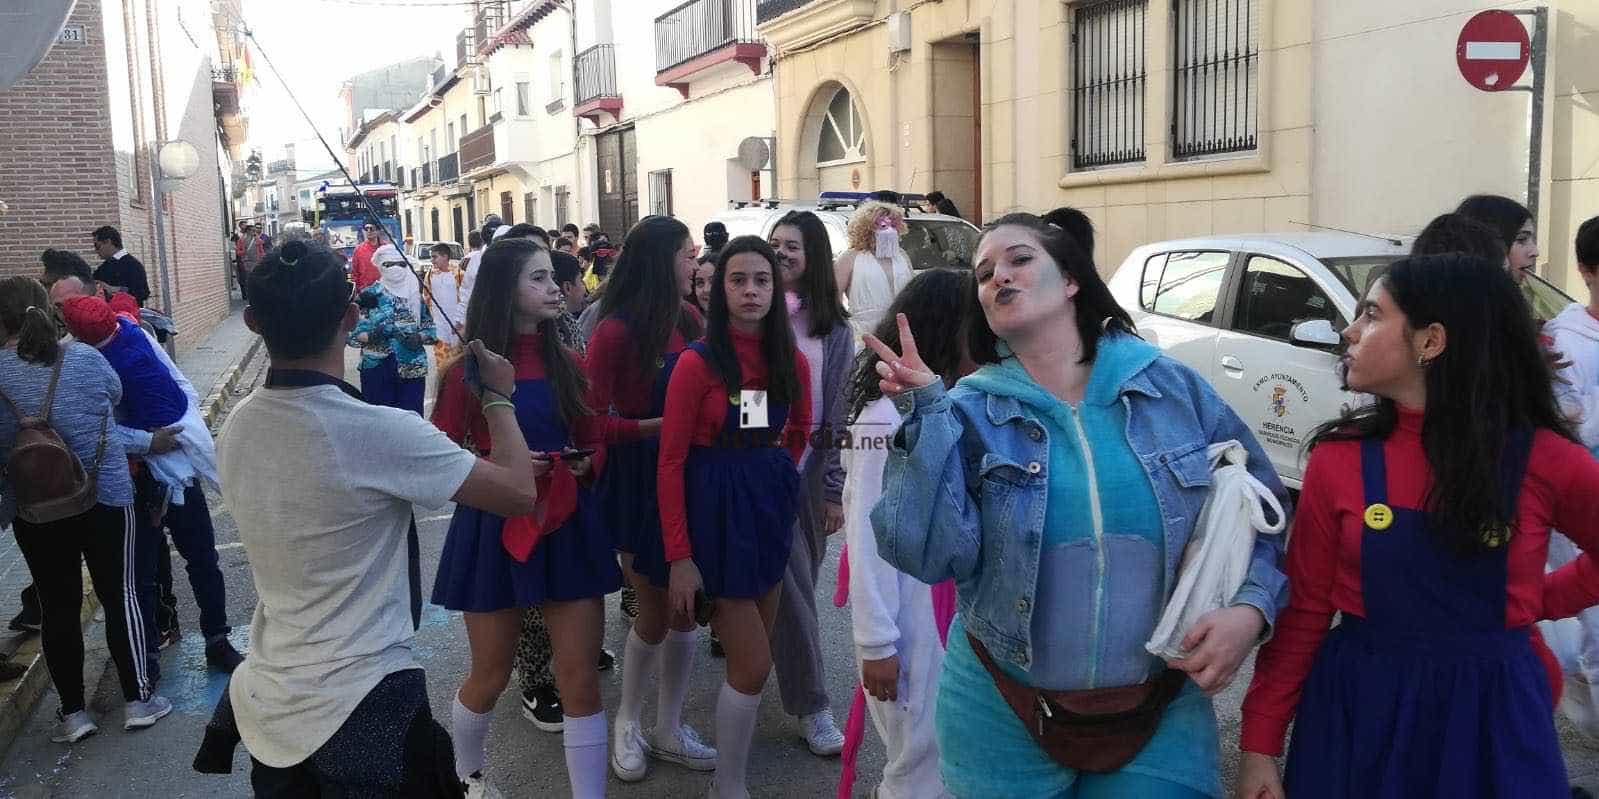 Carnaval herencia 2020 pasacalles domingo deseosas 2 - El Domingo de las Deseosas invita a todo el mundo al Carnaval de Herencia